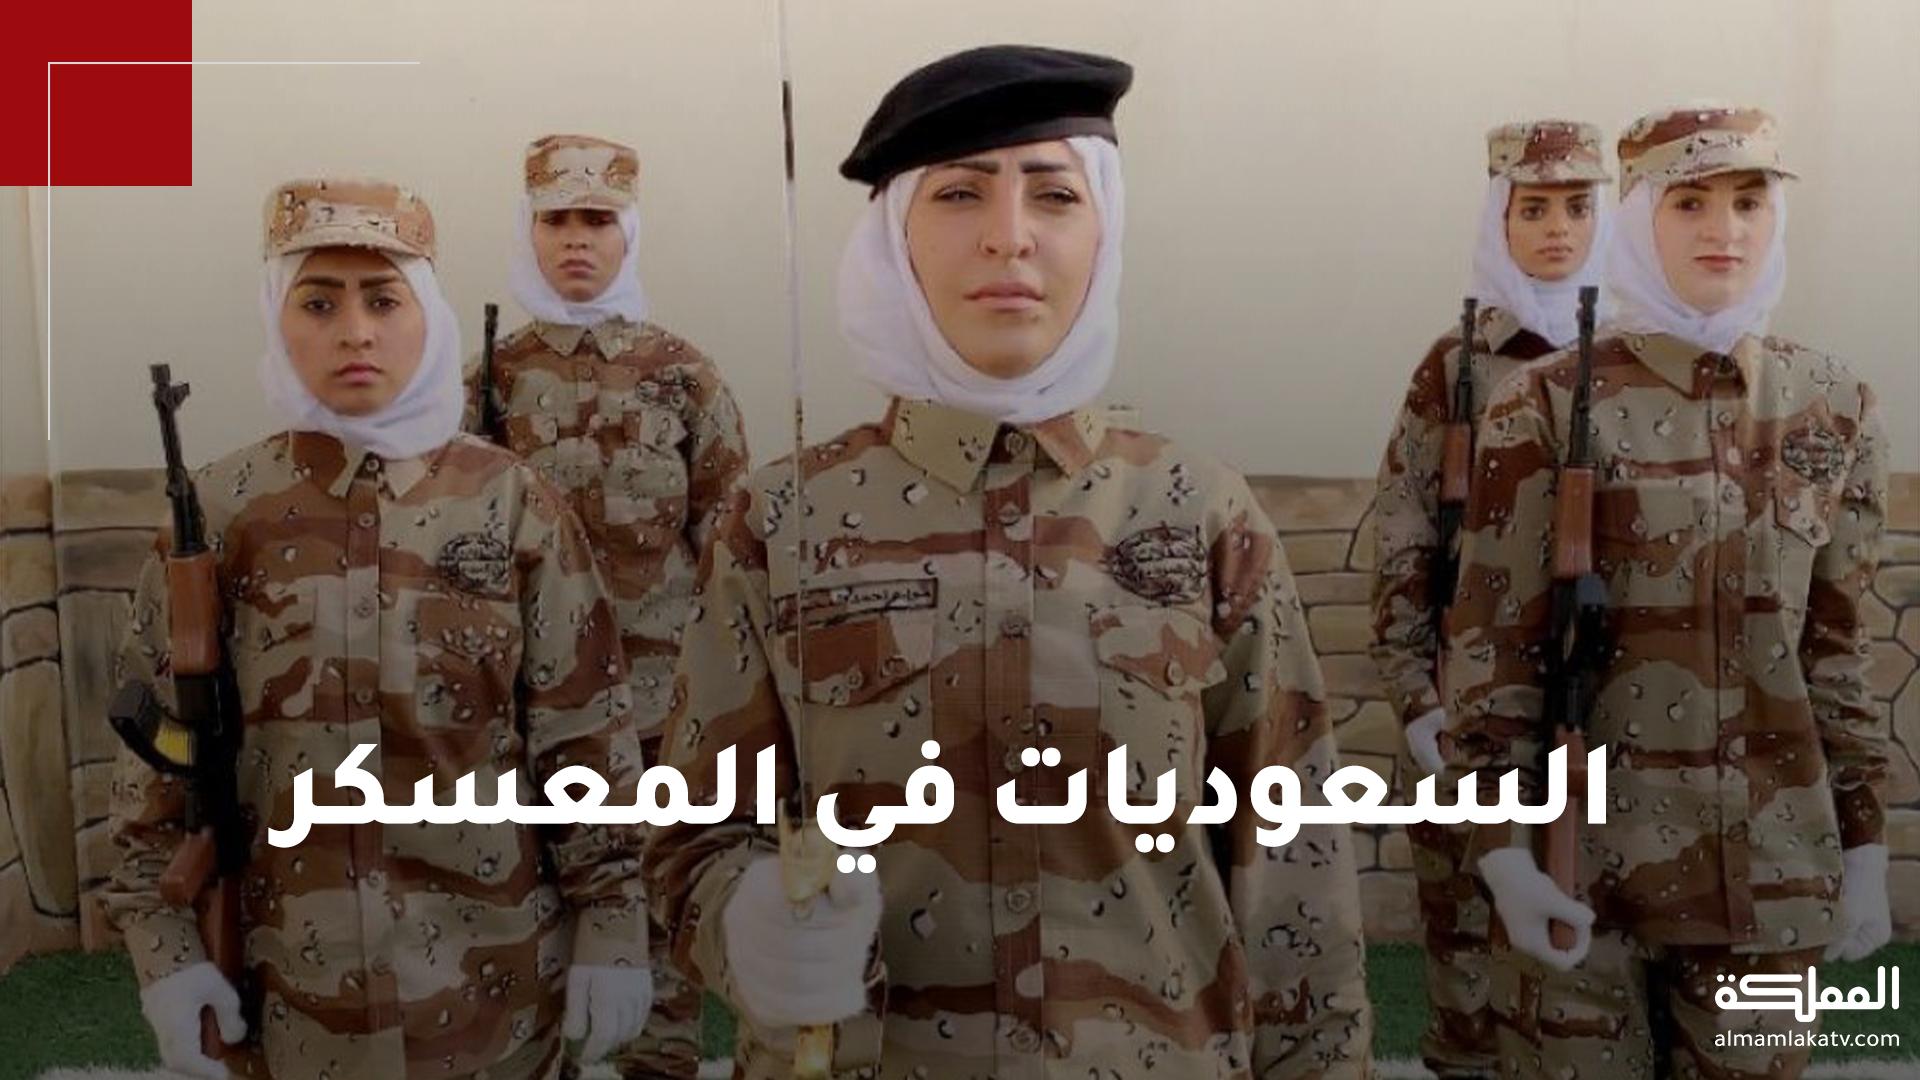 السعودية تبدأ بتجنيد النساء في الجيش.. تعرفوا على الشروط